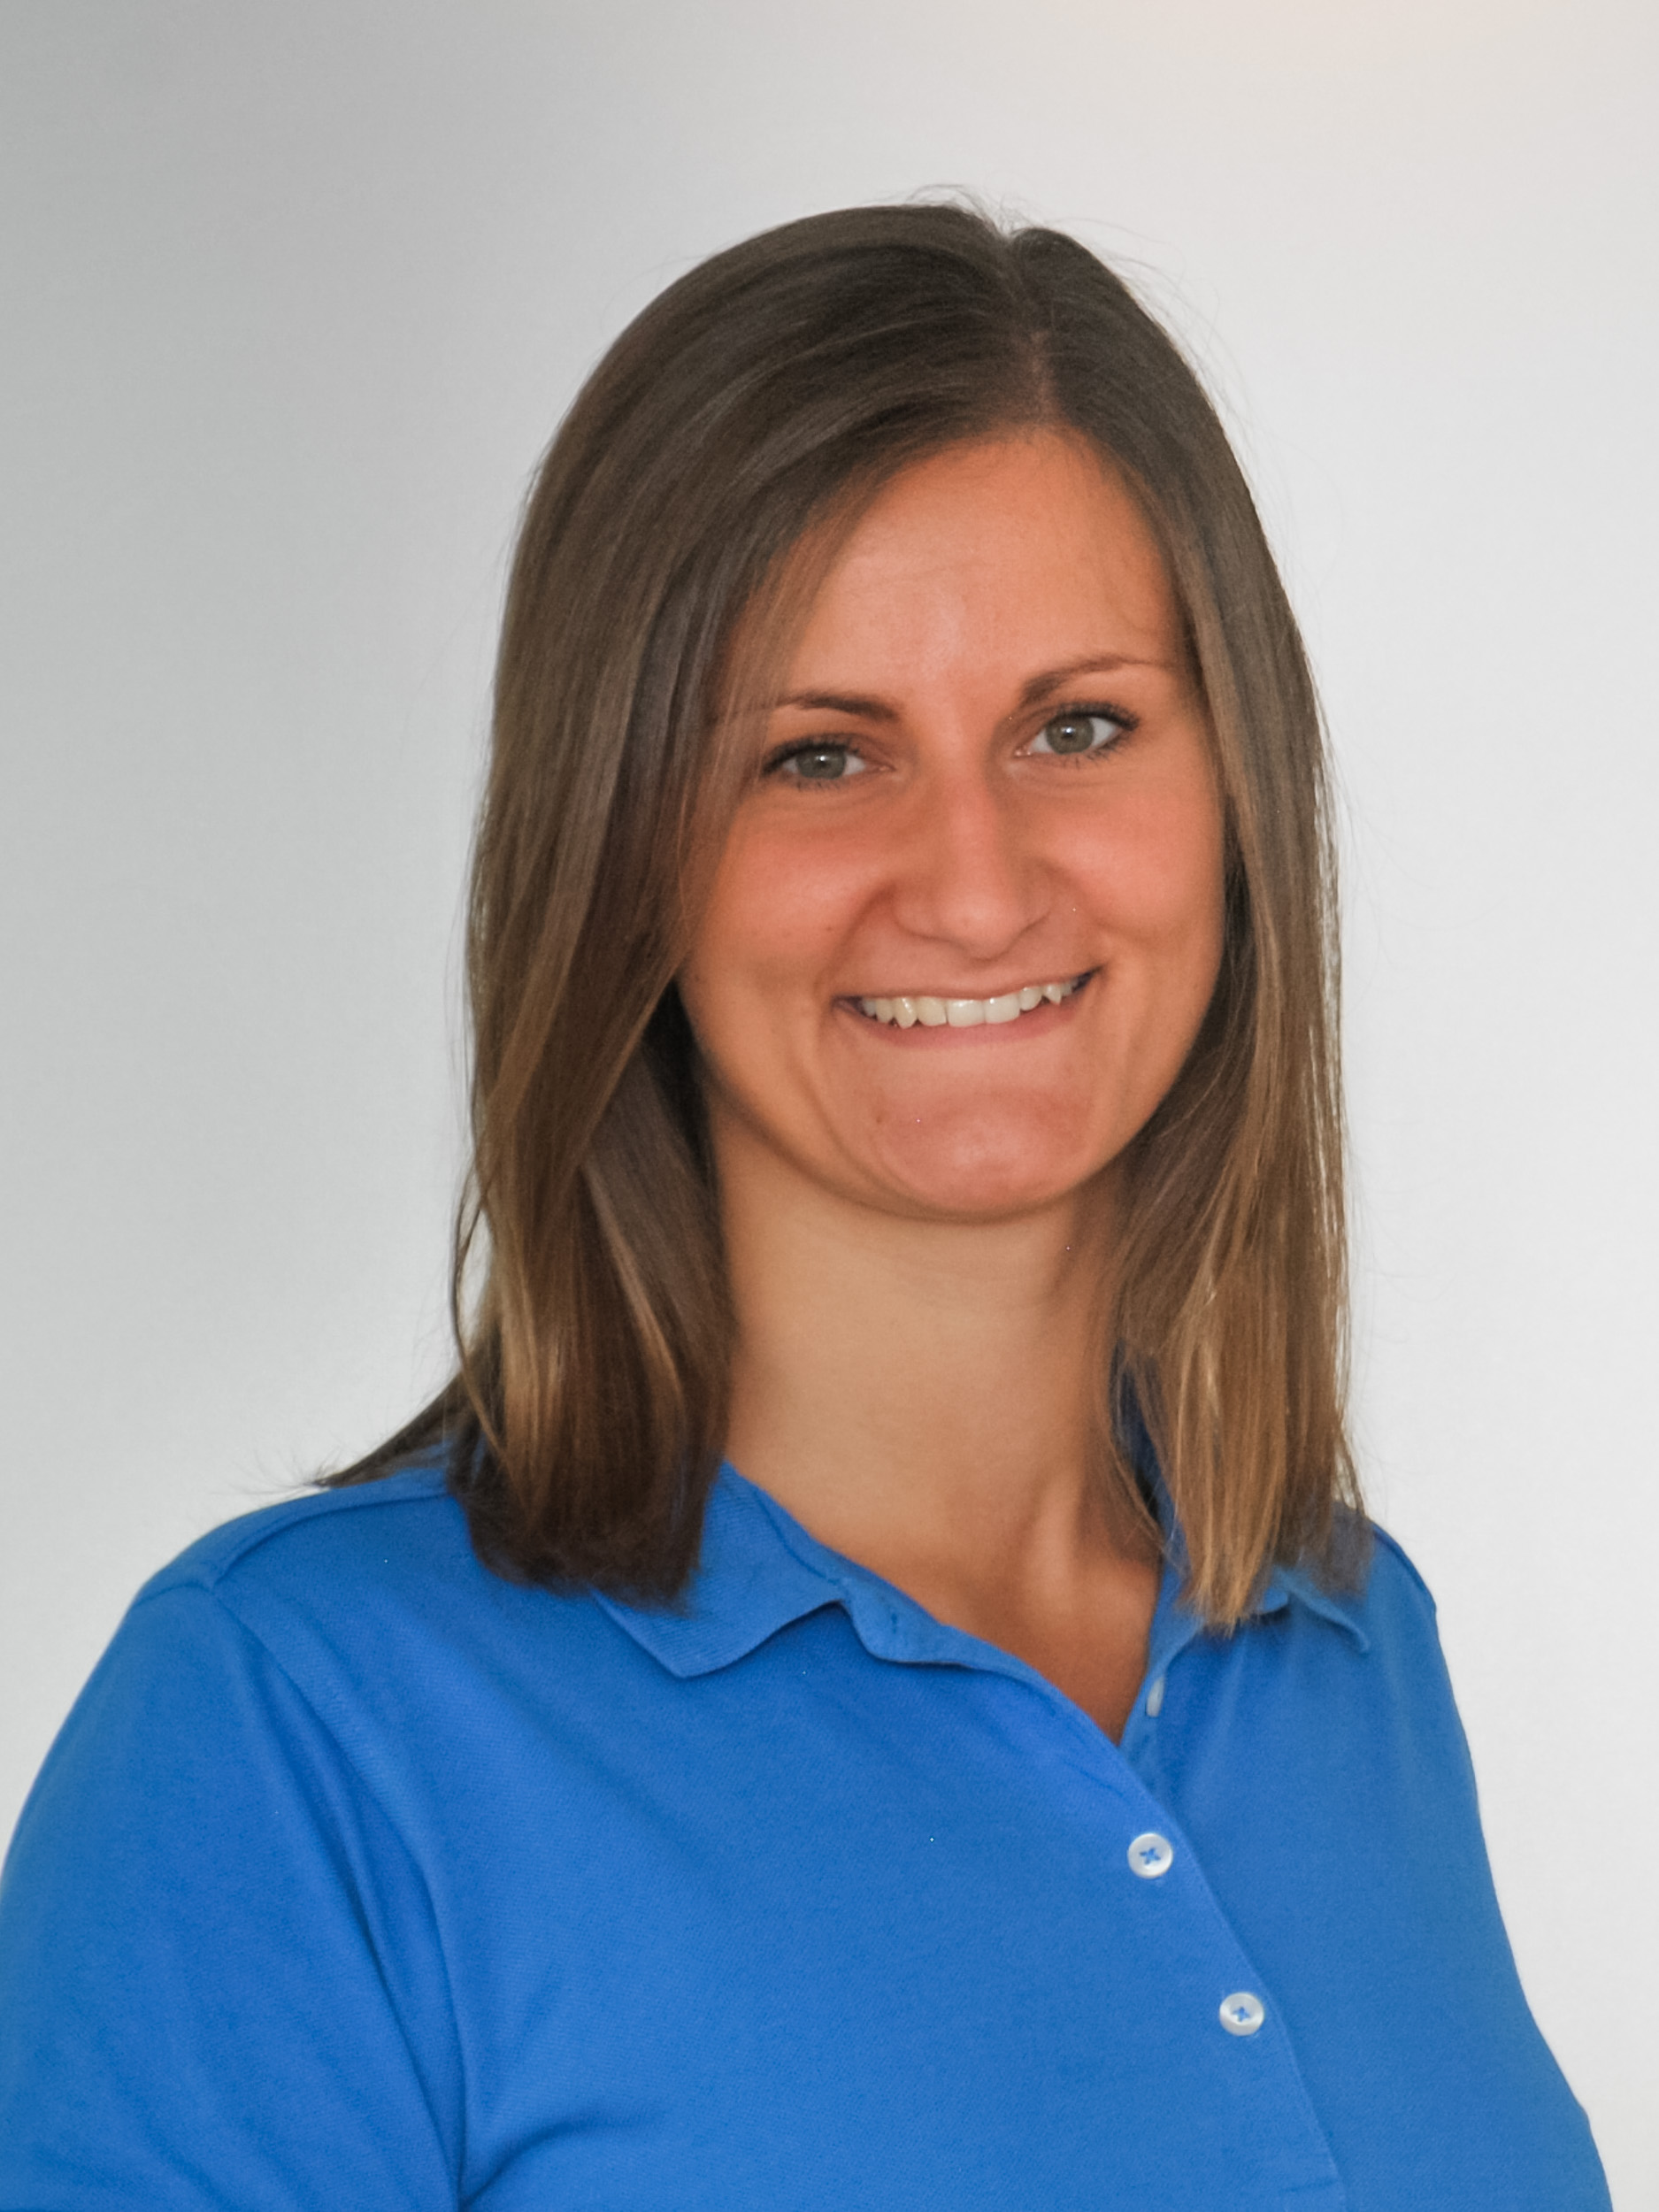 Physiotherapie Eckstein - Denise Schanz